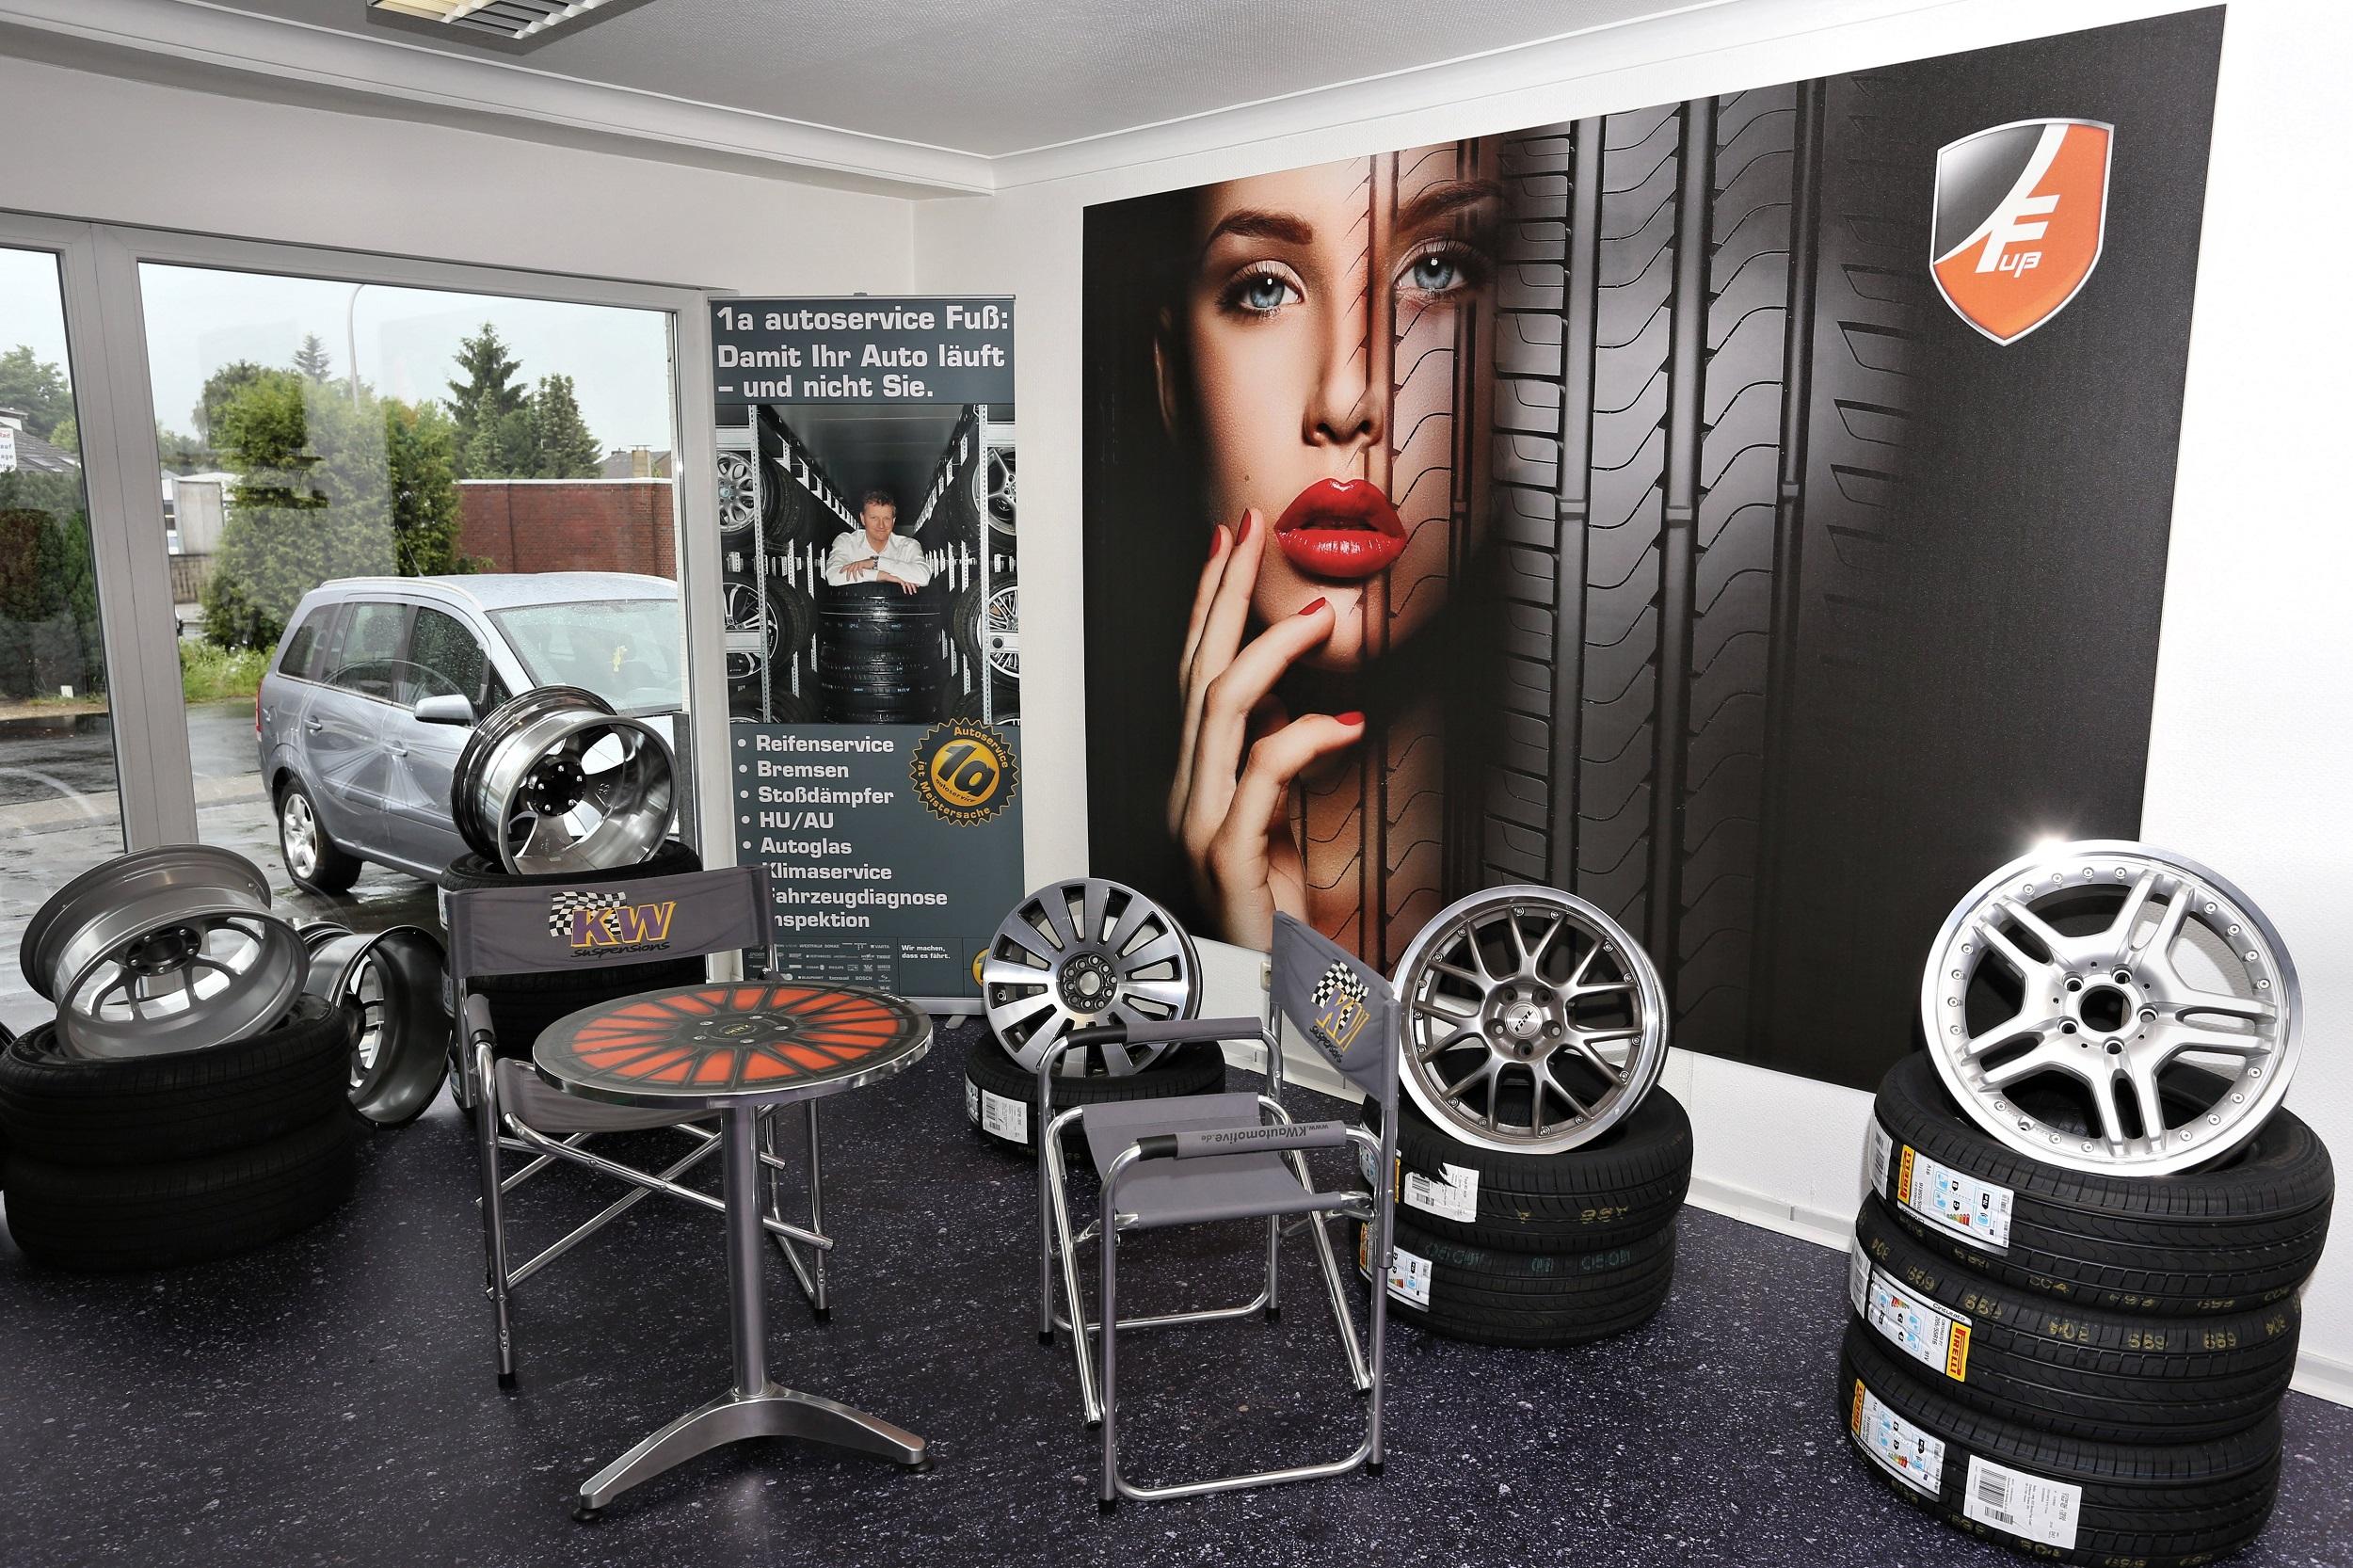 Reifenhänder/ Autohaus Warte- Und Showroom